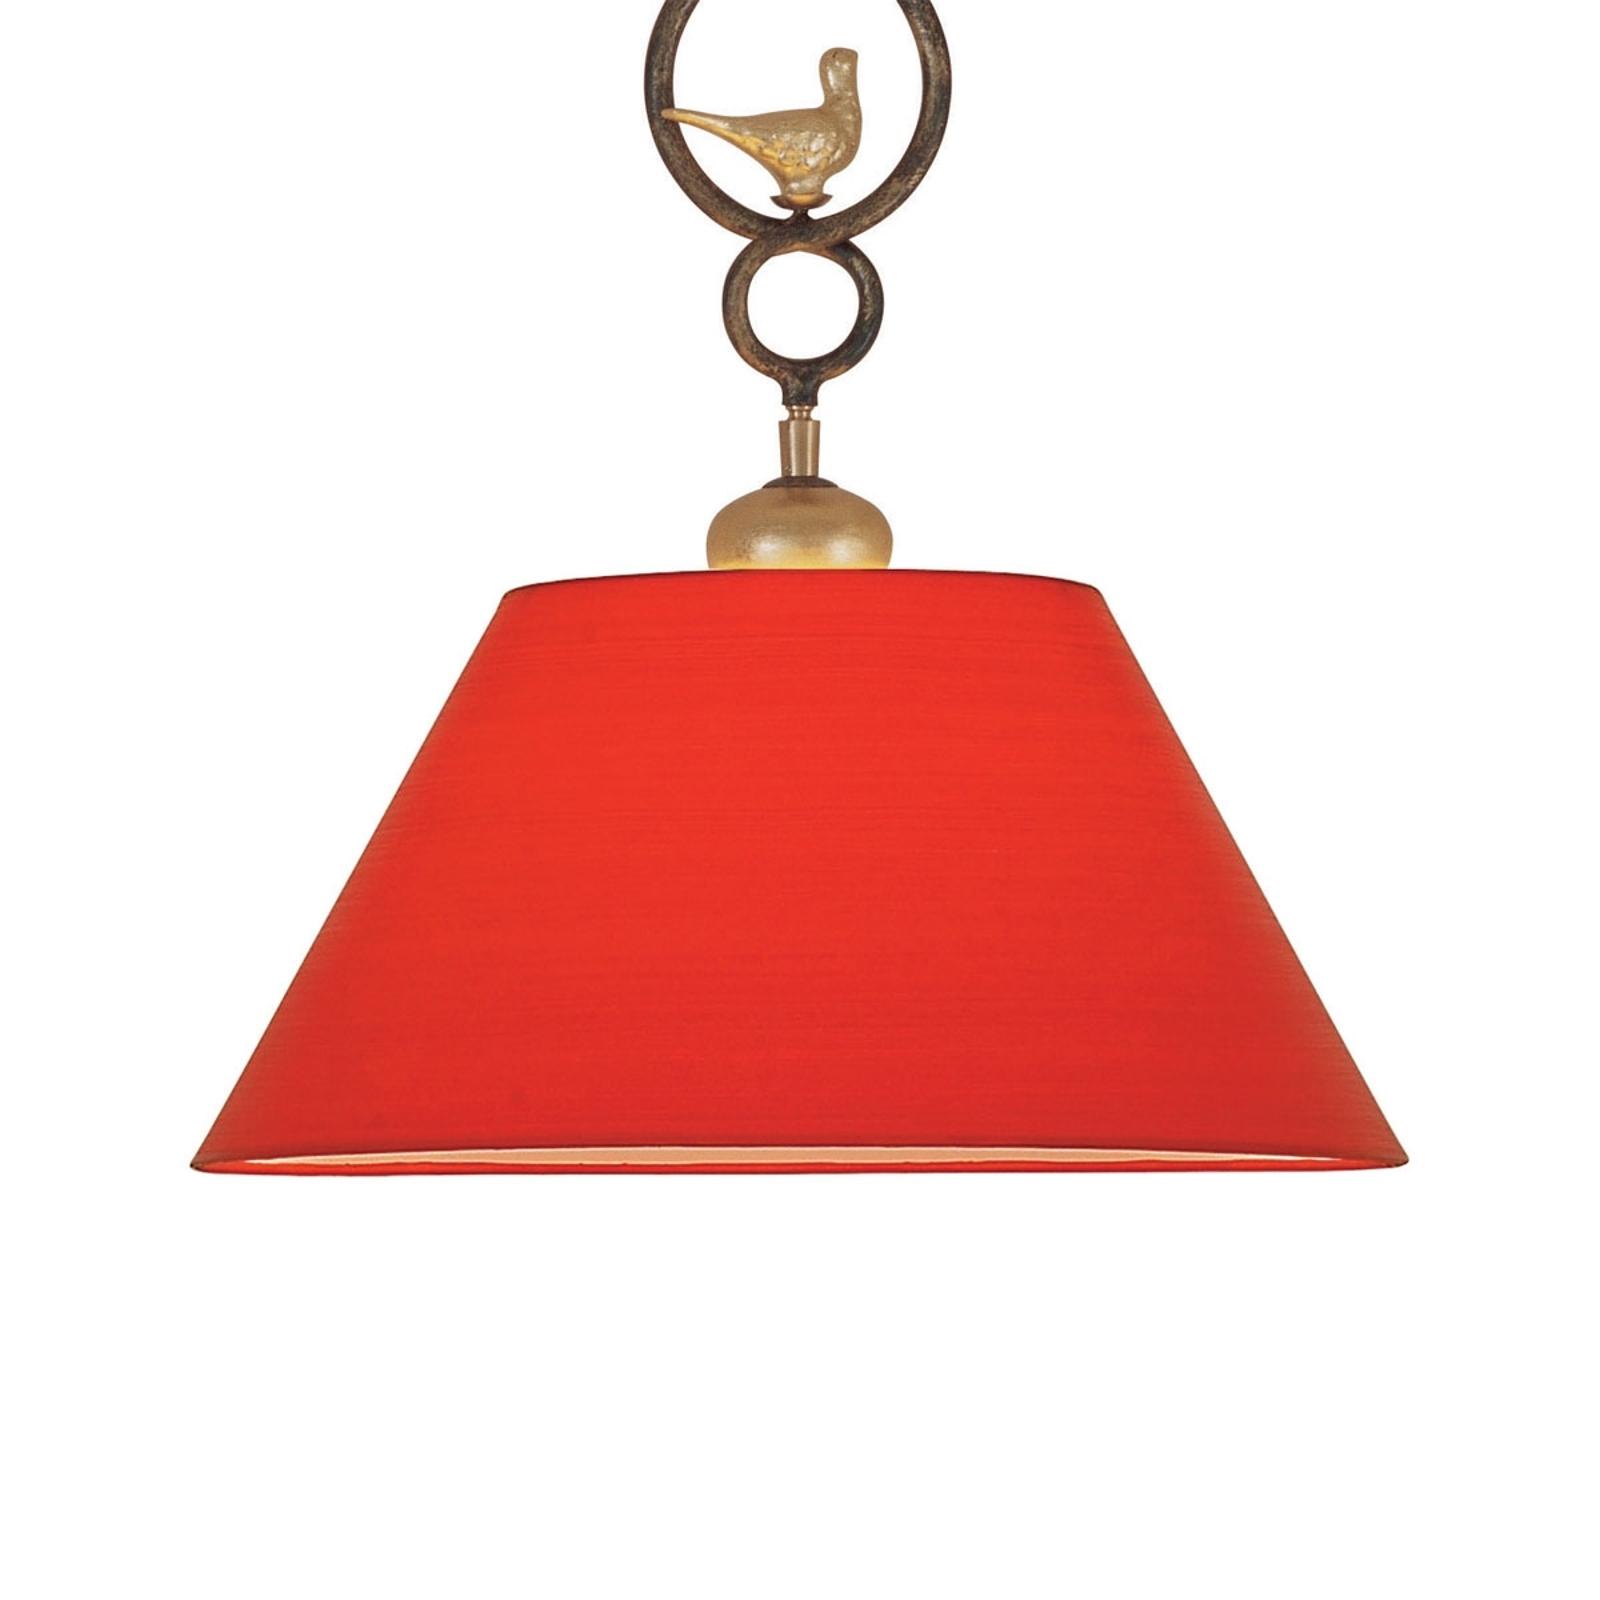 Dekorativ taklampa PROVENCE CHALET i rött